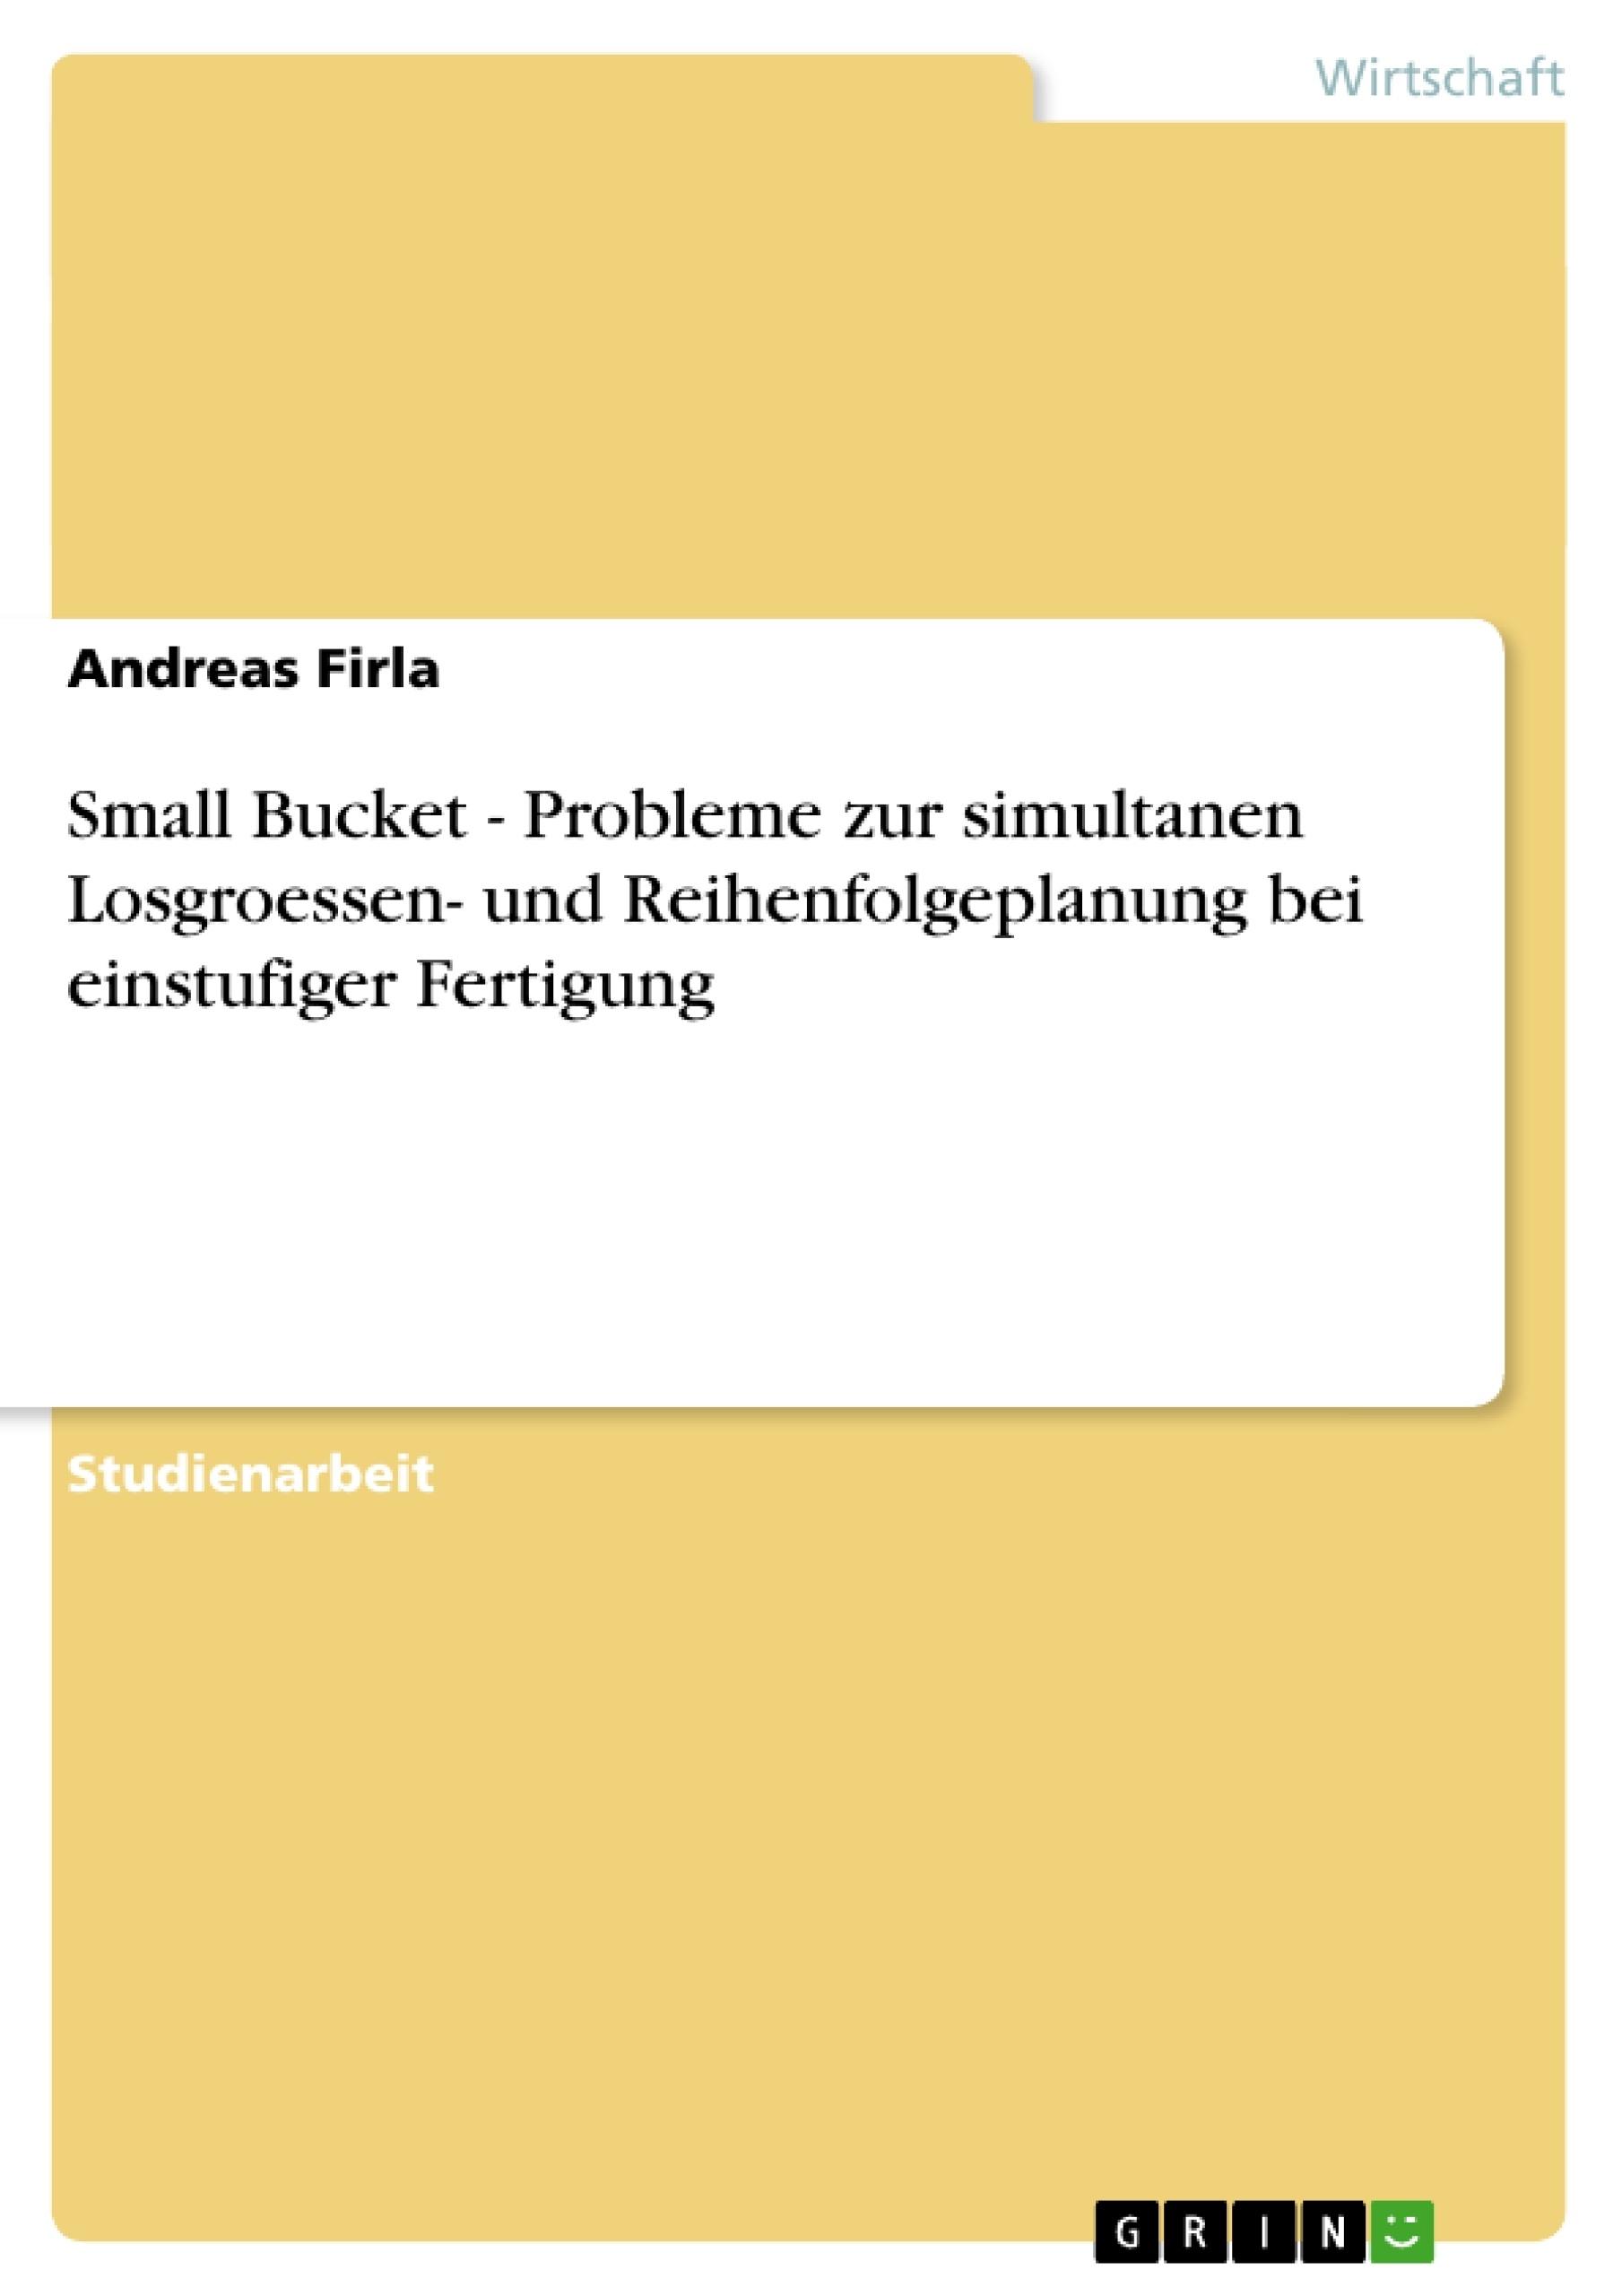 Titel: Small Bucket - Probleme zur simultanen Losgroessen- und Reihenfolgeplanung bei einstufiger Fertigung